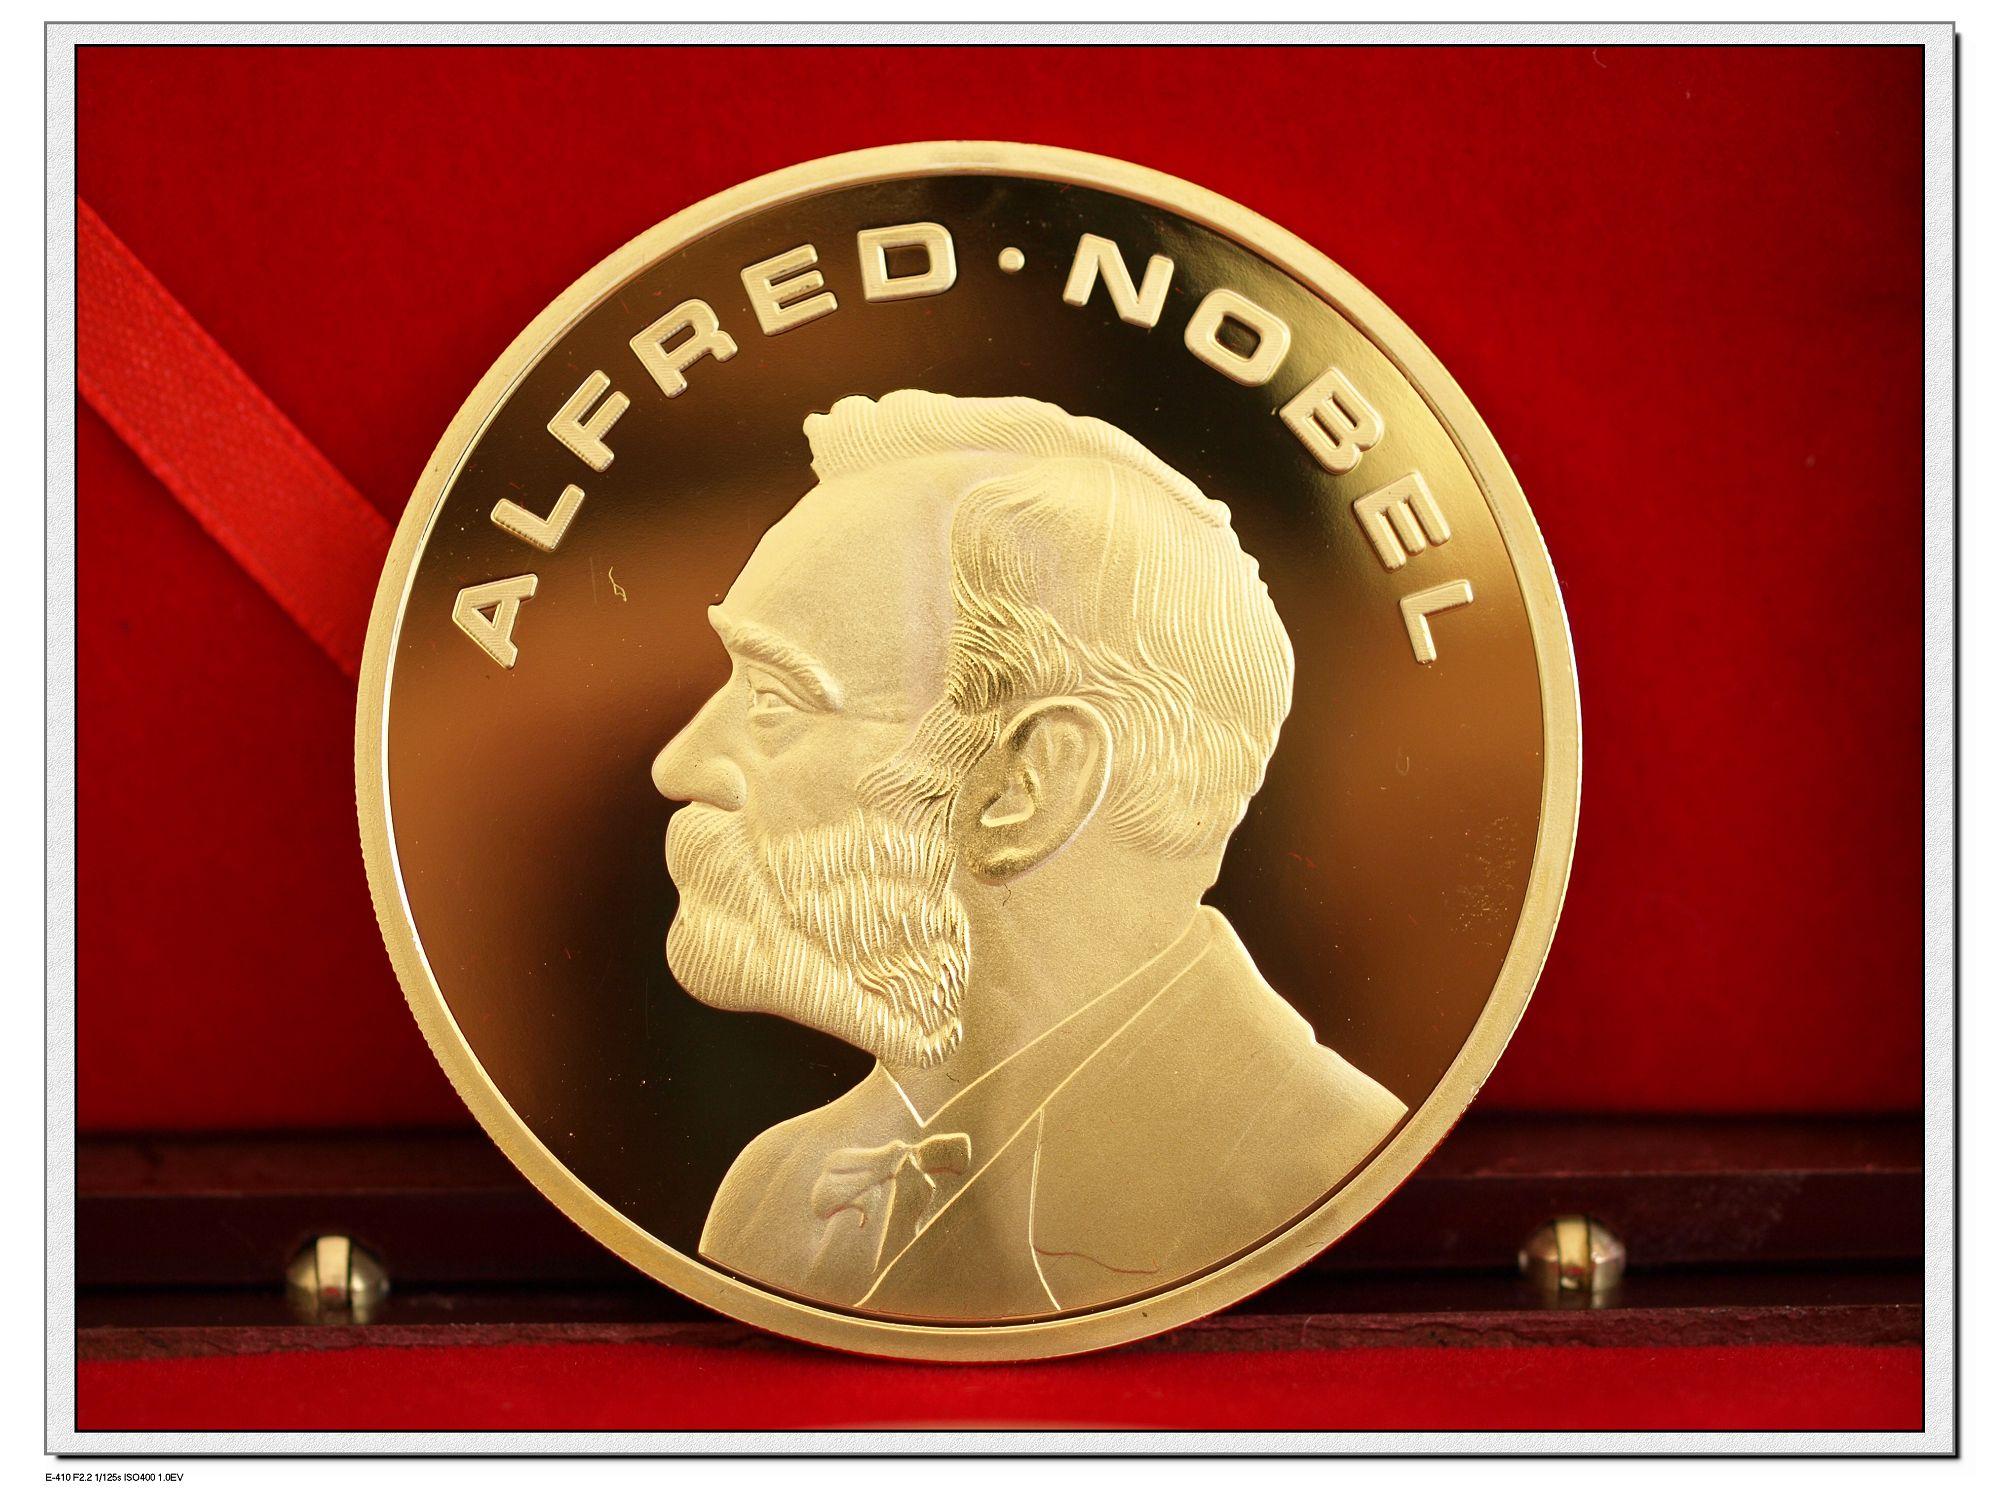 从诺贝尔奖获得者看 中国教育环境 - 阿水 - 阿水的博客